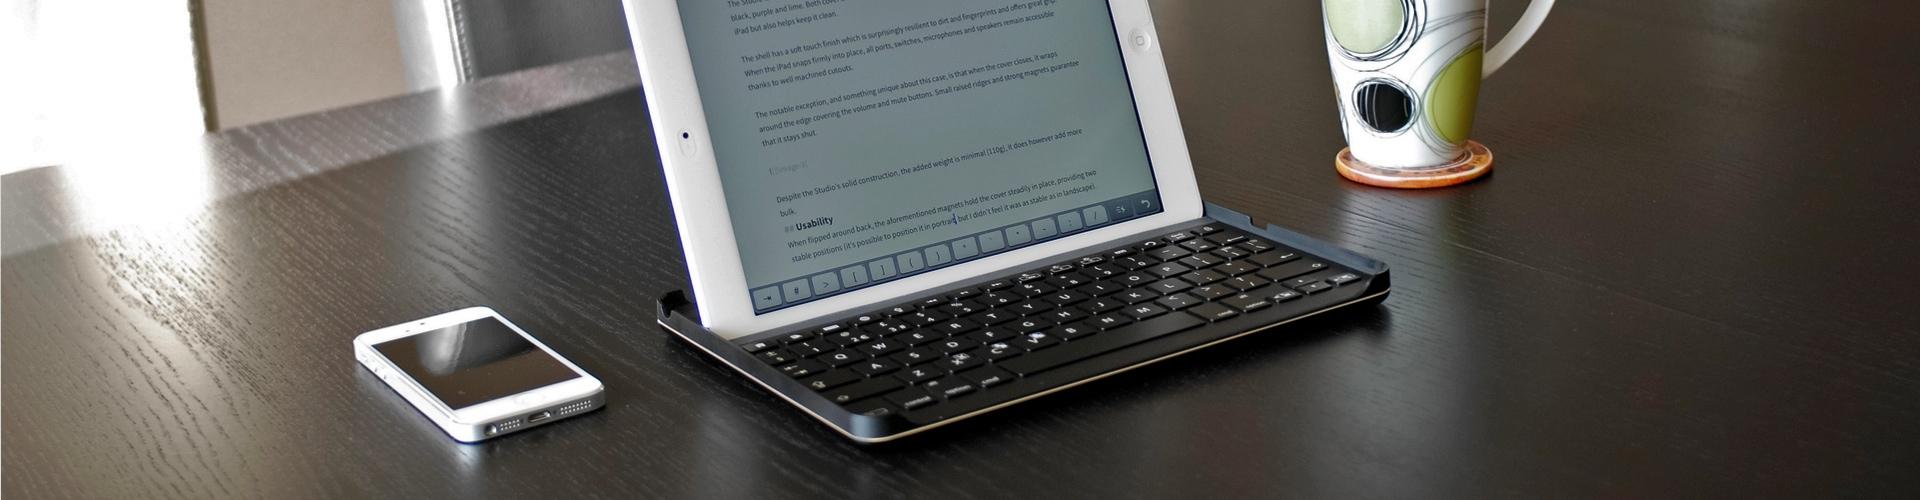 Kensington-iPad-keyboard-banner